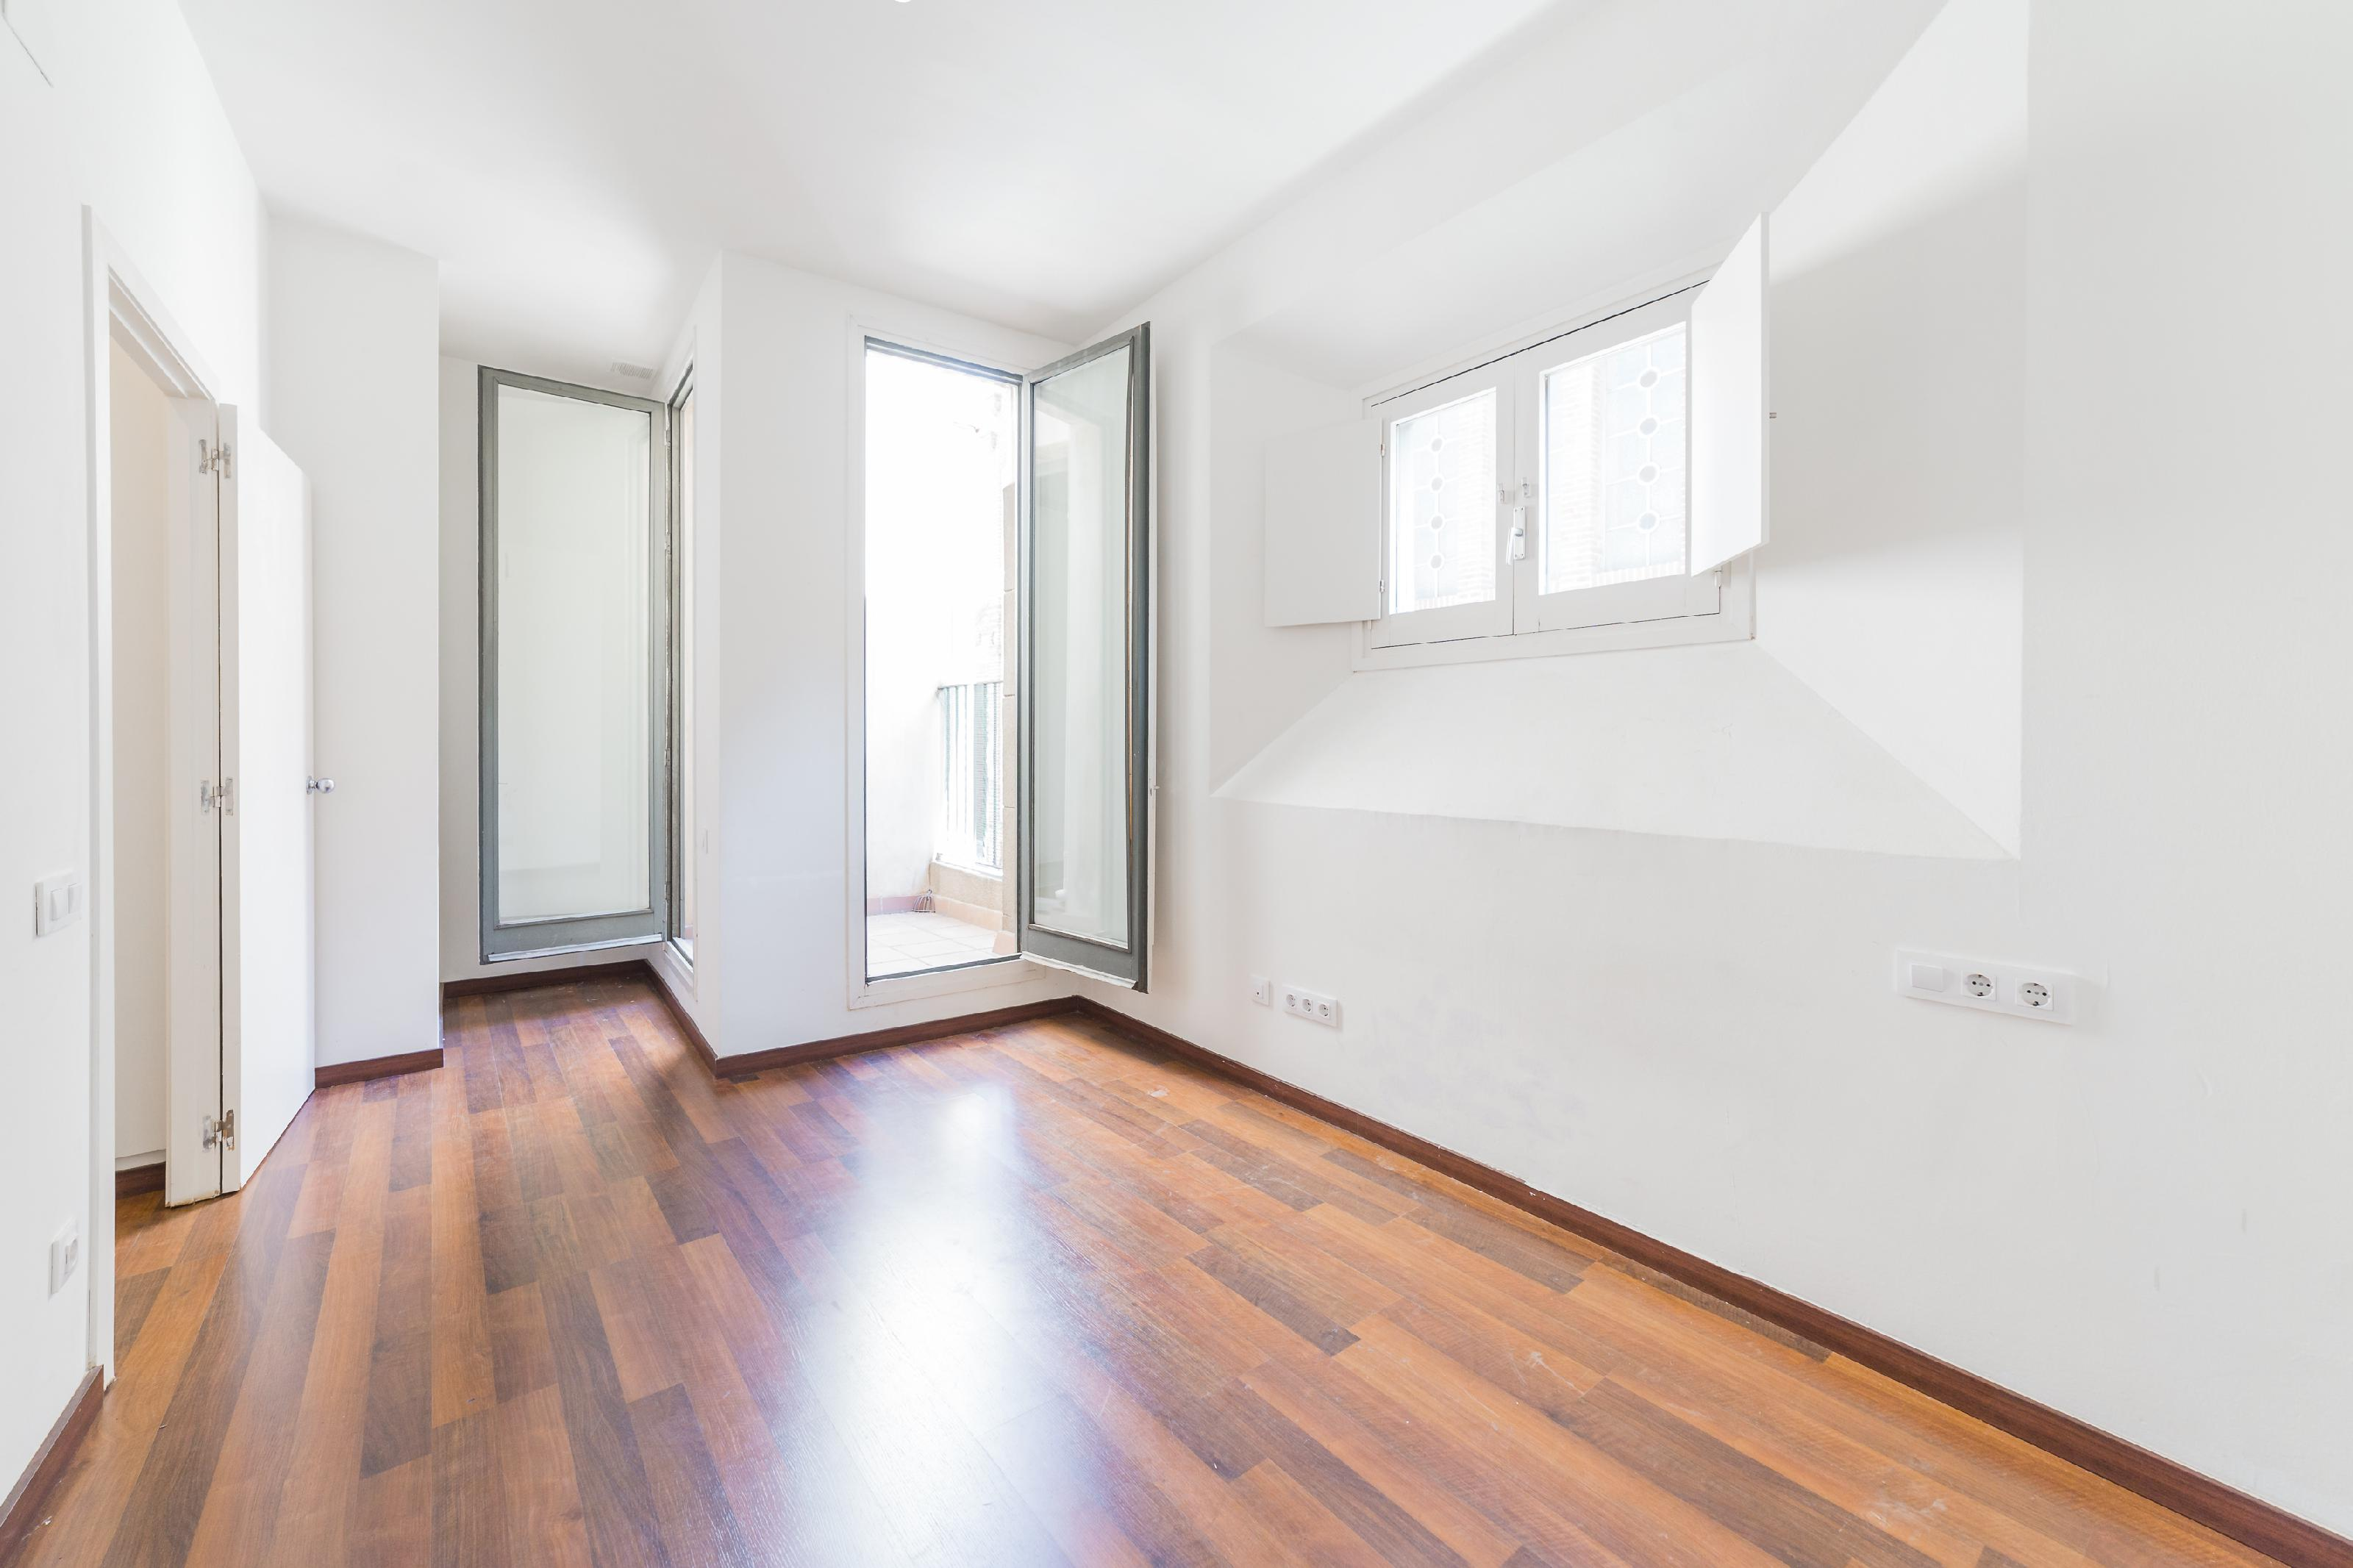 250718 Flat for sale in Sarrià-Sant Gervasi, Sarrià 1